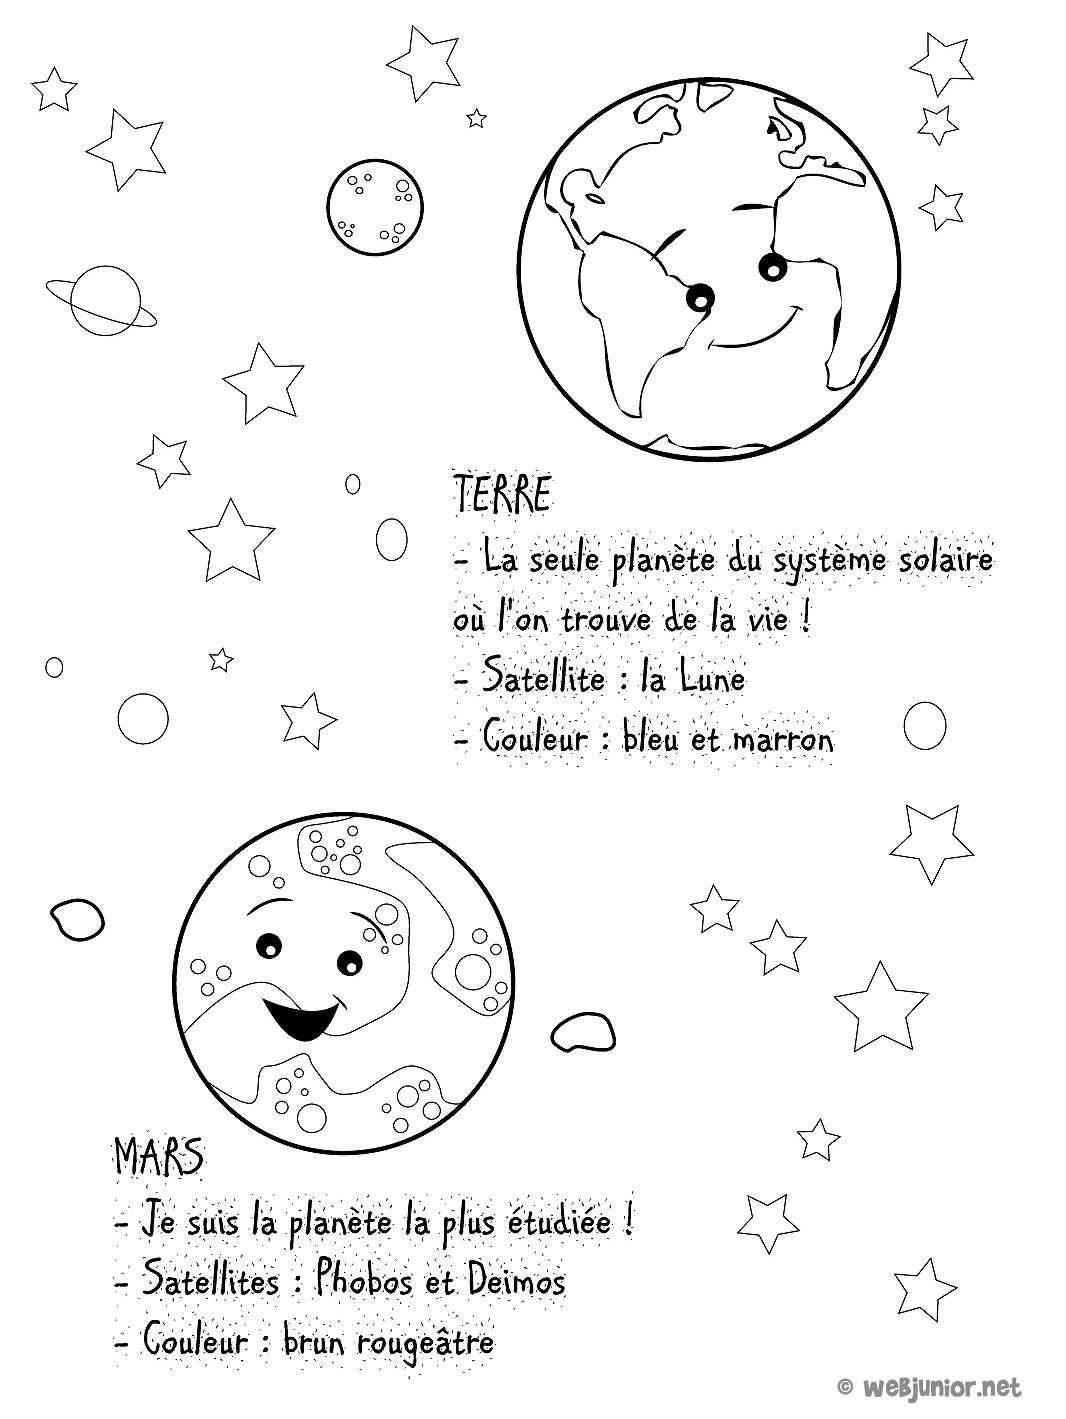 Planetes La Terre Et Mars Coloriage Sciences Gratuit Sur Webjunior